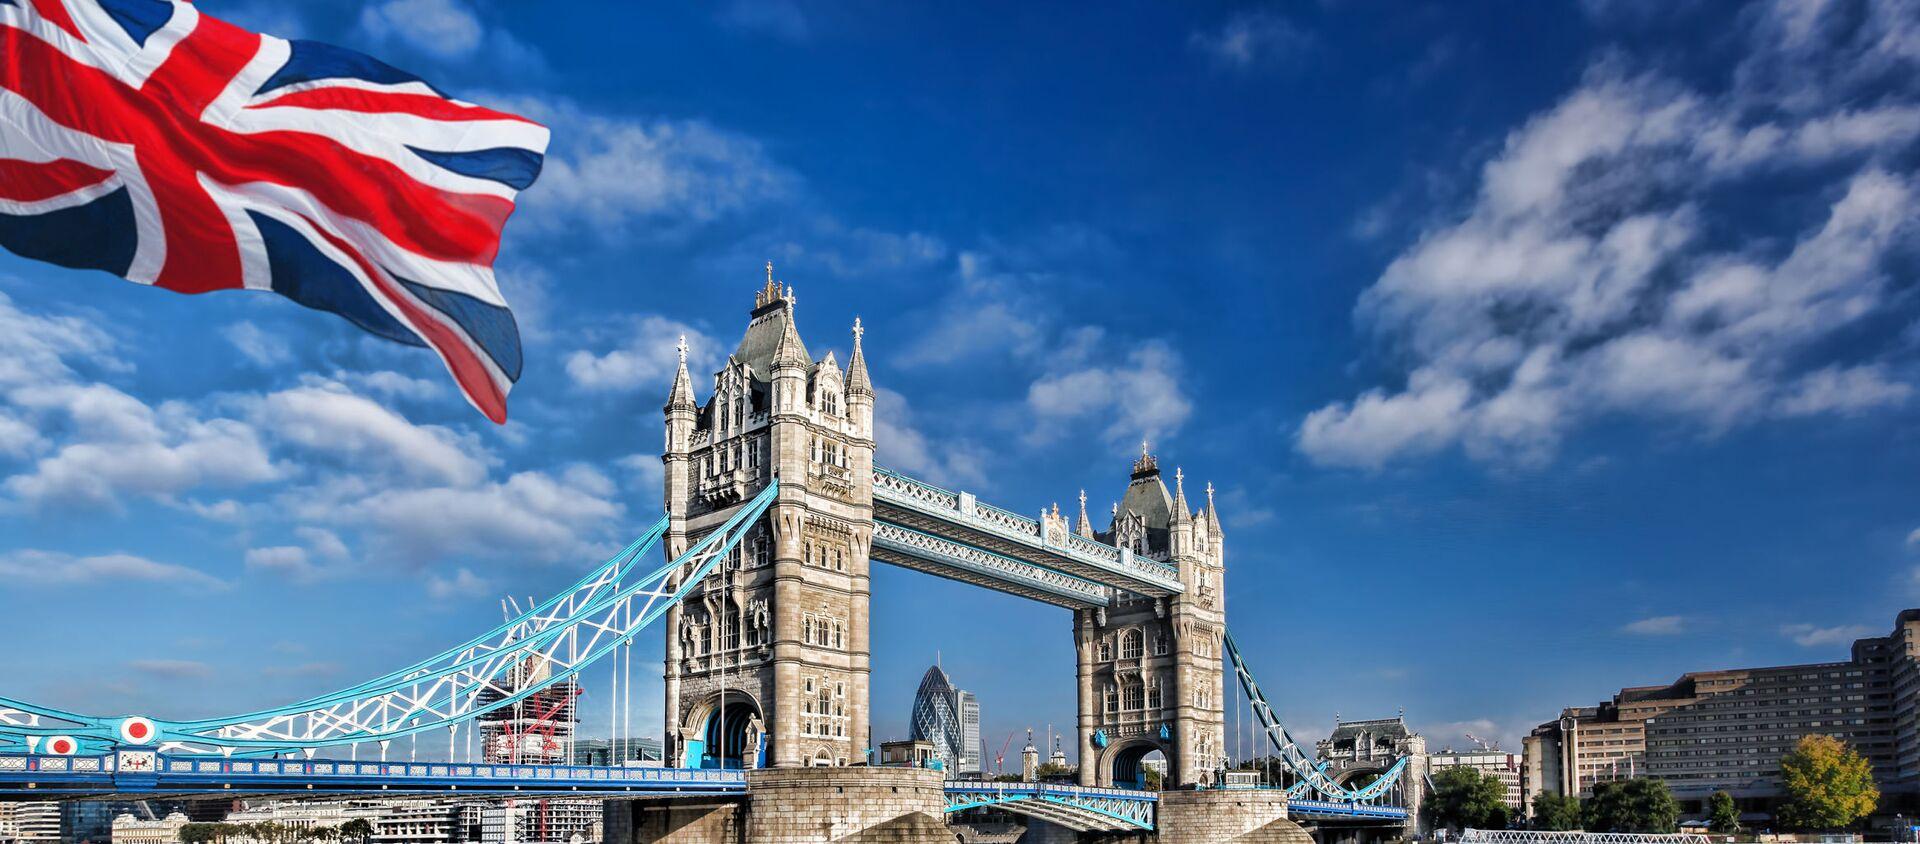 Widok na Tamizę i Tower Bridge w Londynie - Sputnik Polska, 1920, 23.01.2021